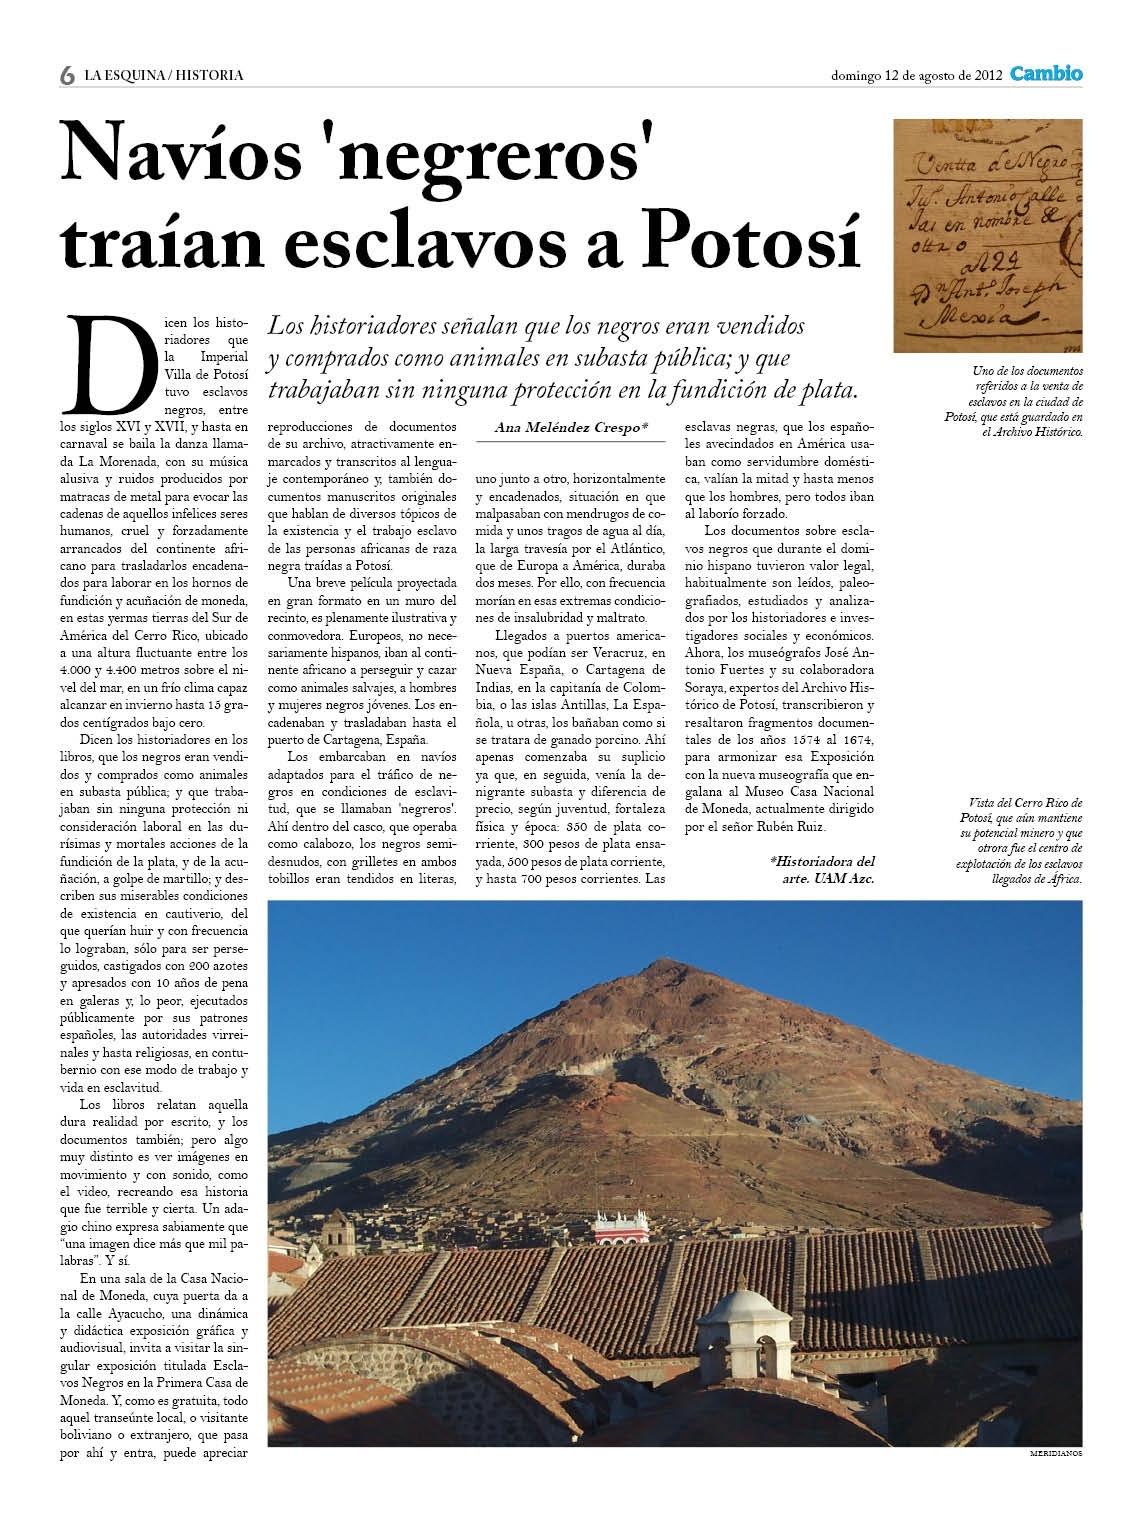 Navíos negreros traían esclavos a Potosí